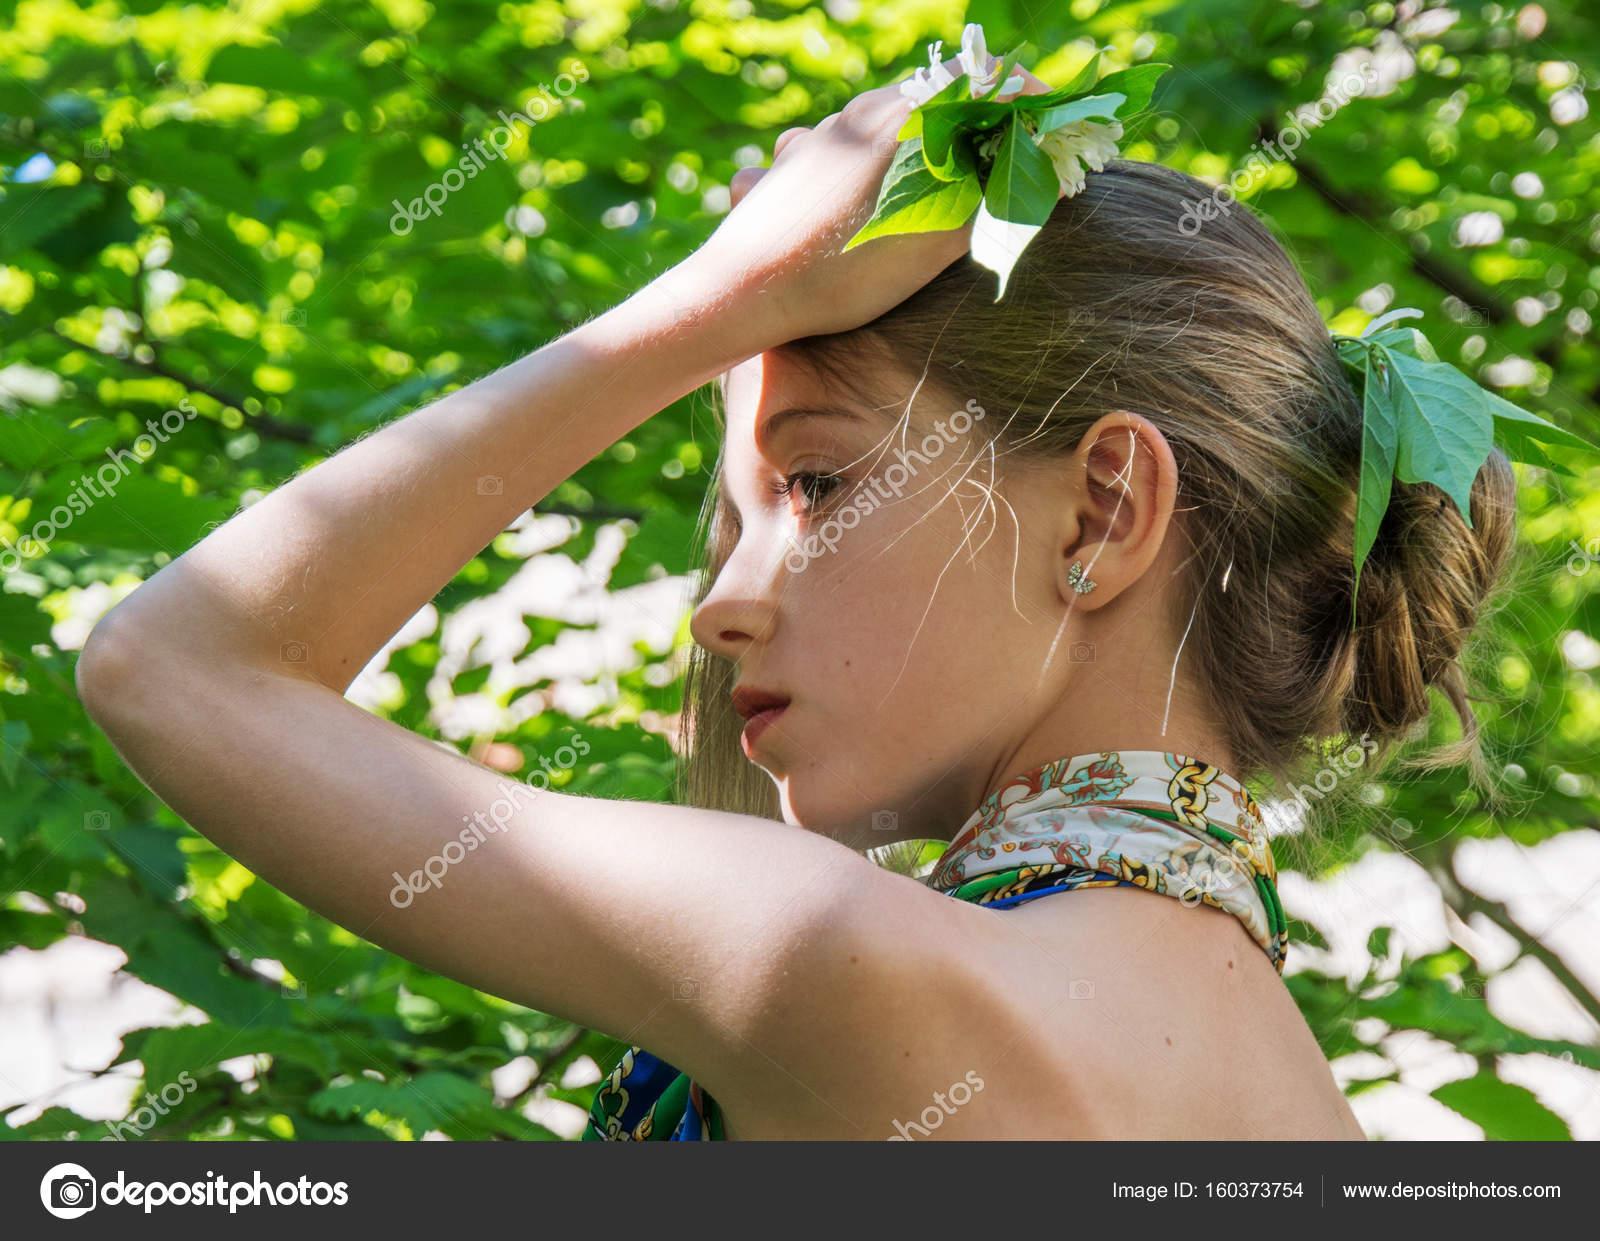 Ein junges Mädchen in einem Kleid mit nackten Rücken einen